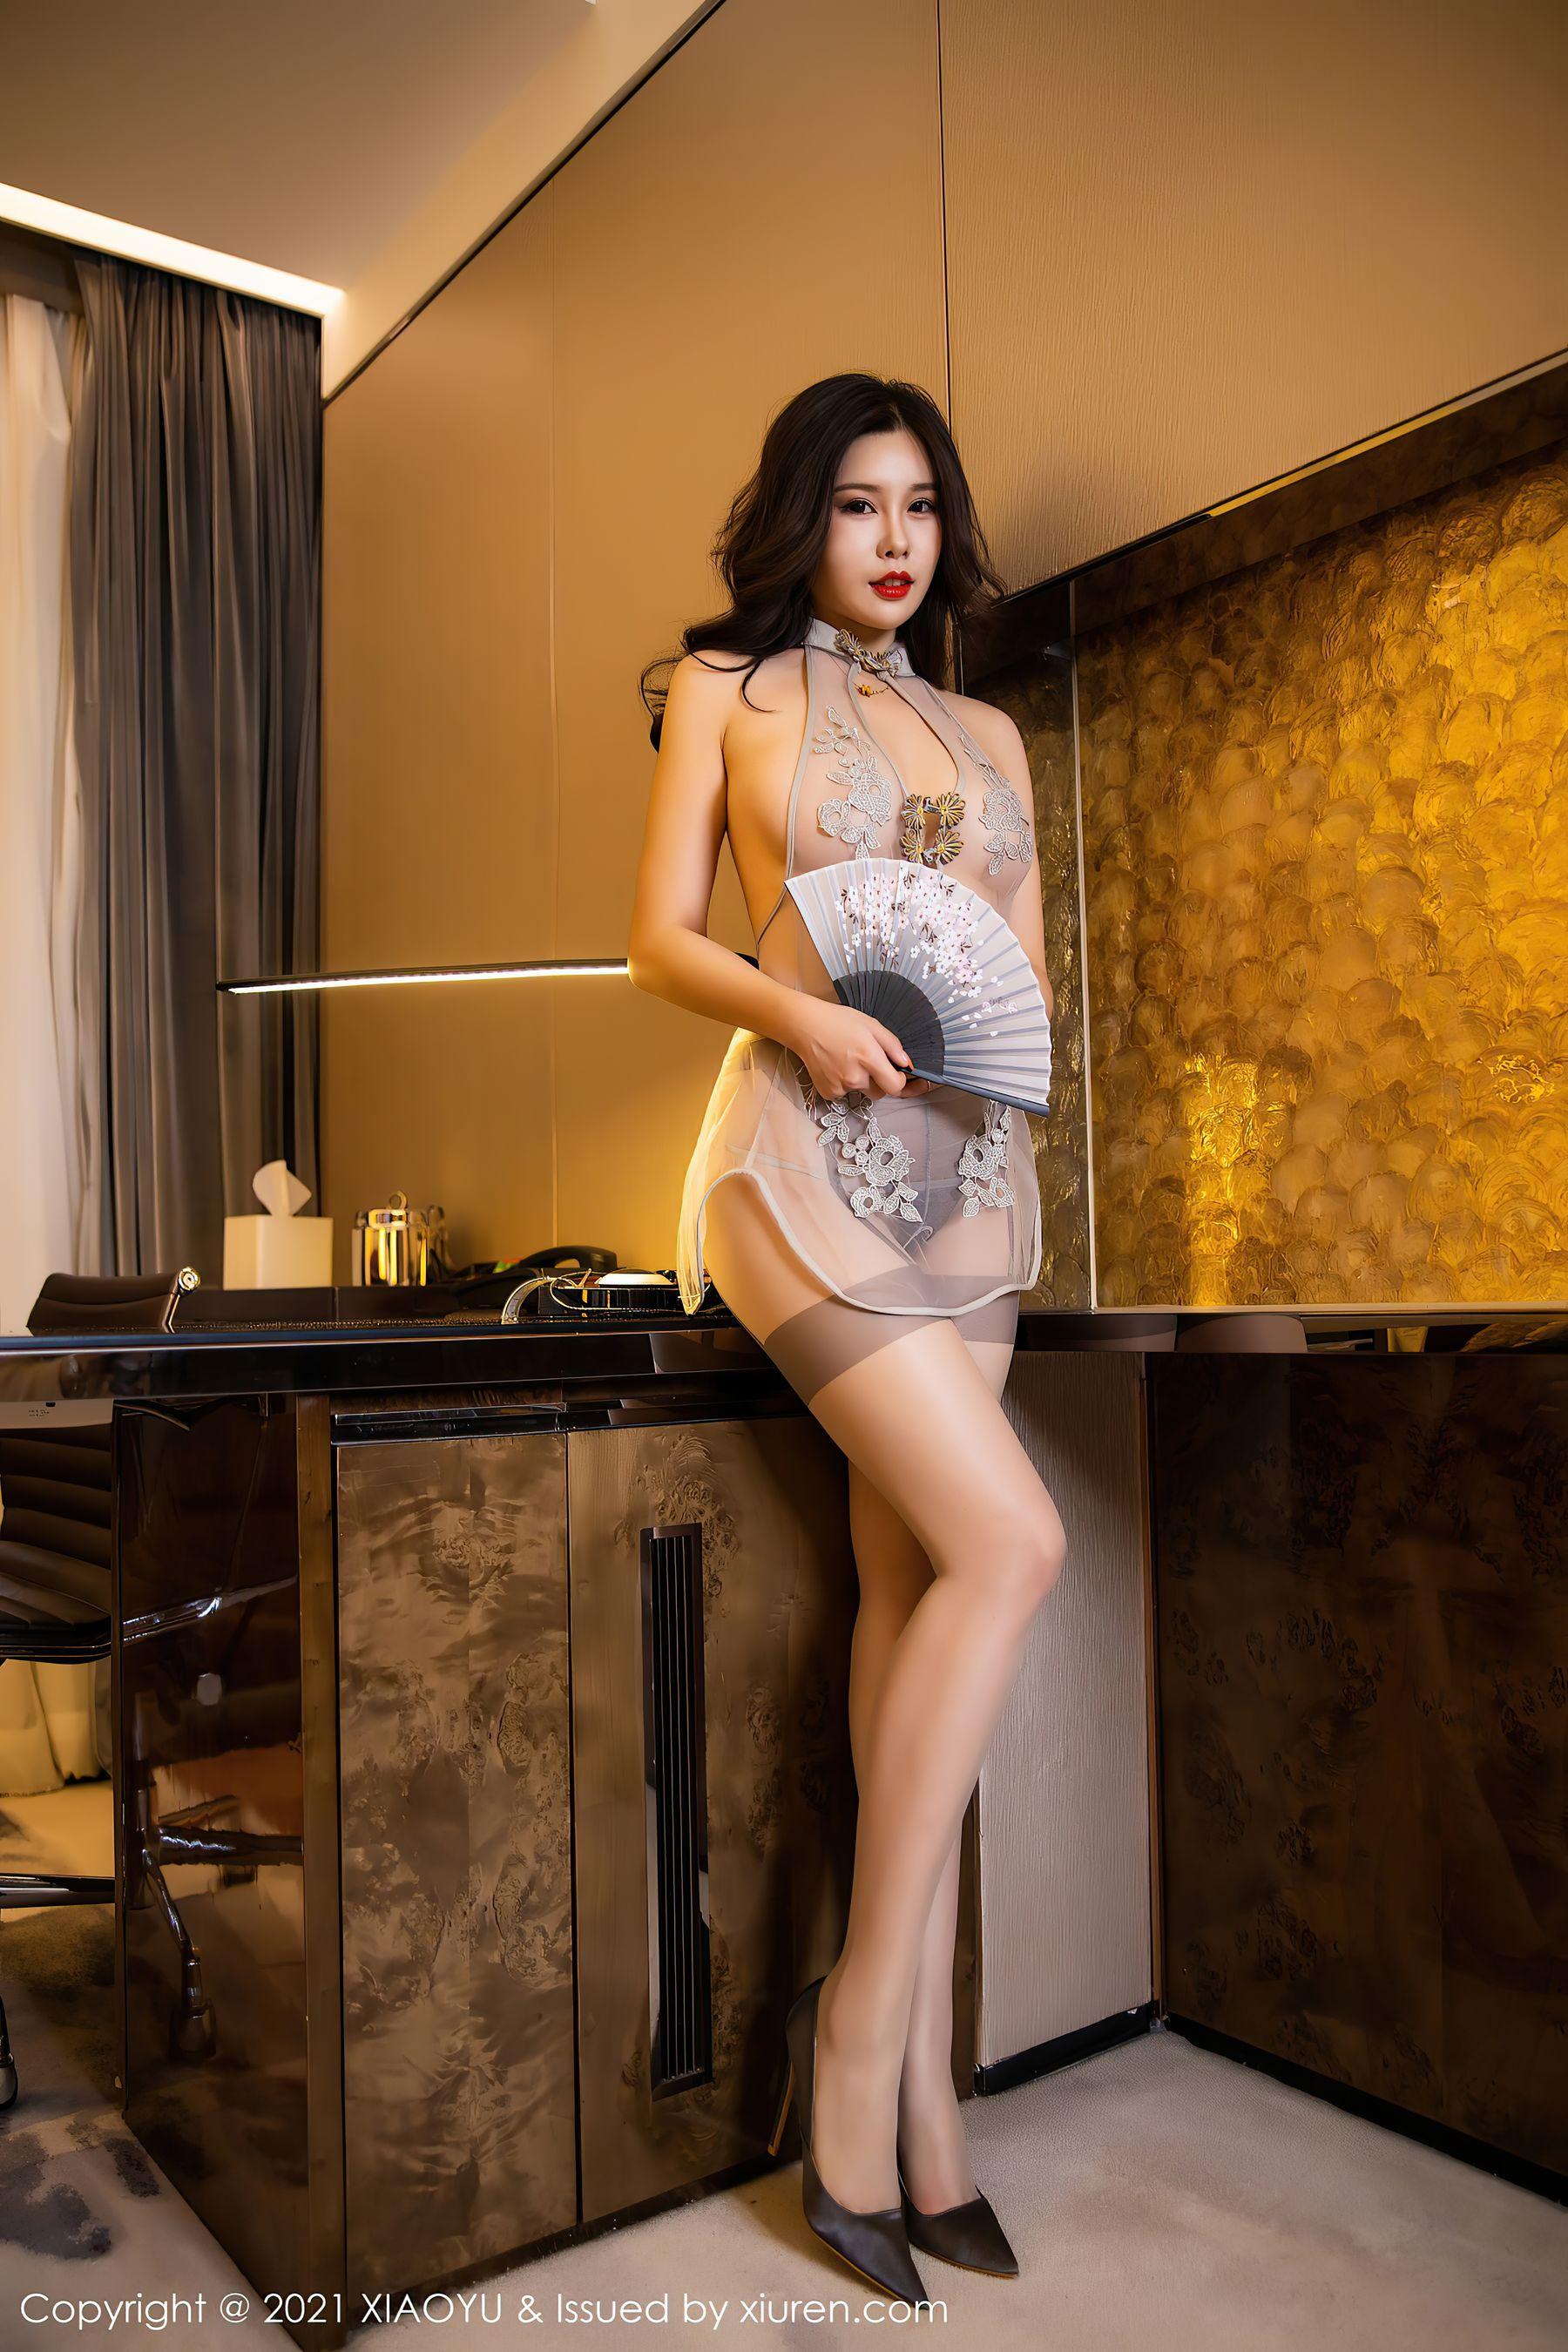 VOL.321 [语画界]透视美女情趣制服:周思乔(周思乔Betty)超高清写真套图(69P)